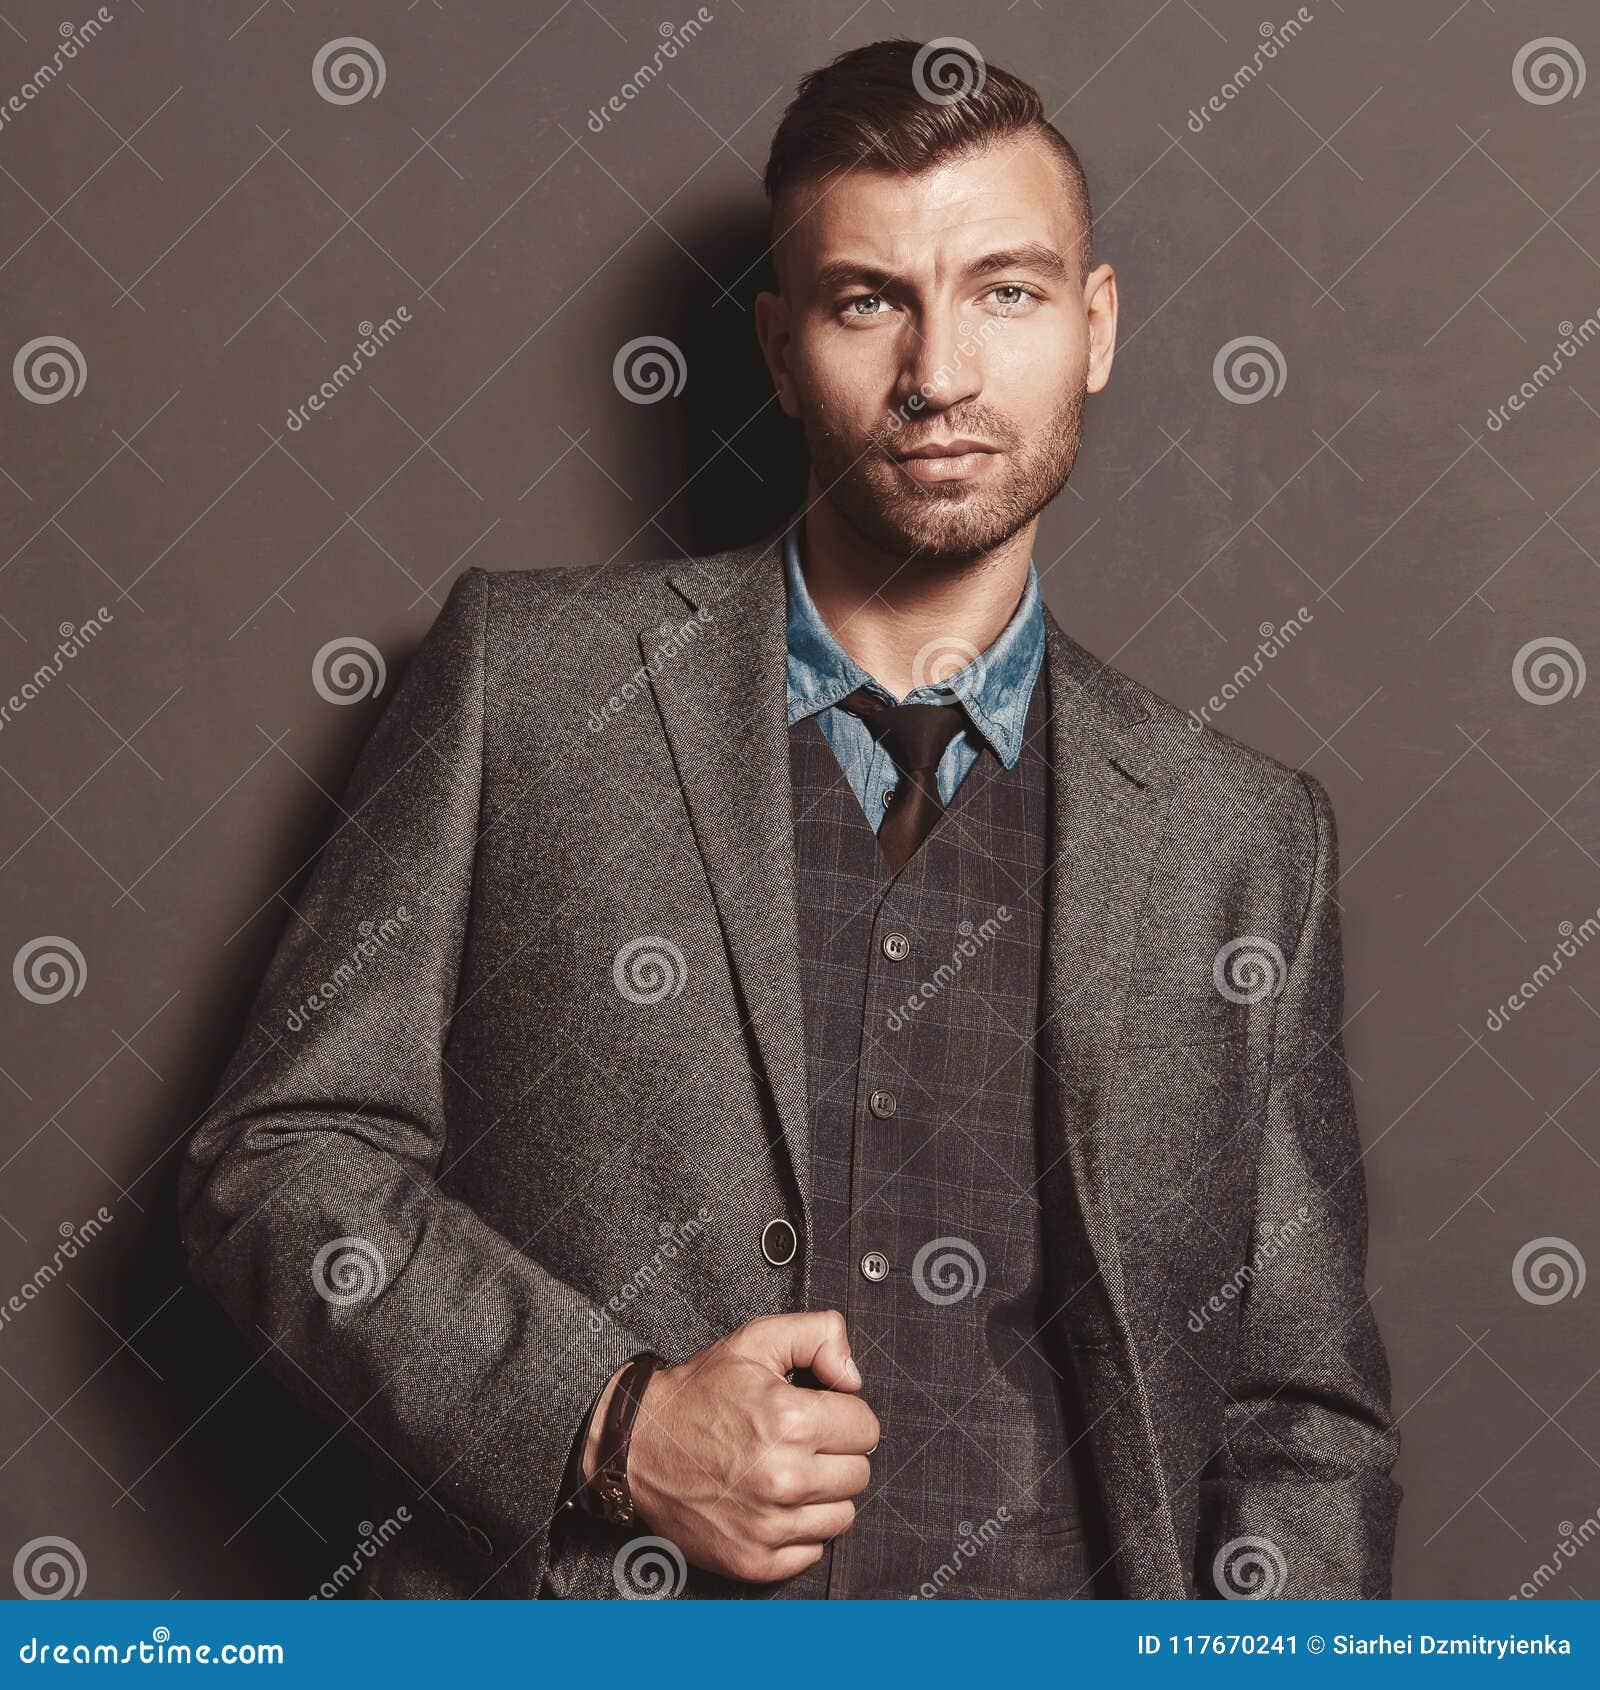 Moda modela przystojny elegancki mężczyzna w kostiumu na szarość izoluje tło Elegancki modny piękny brutalny mężczyzna